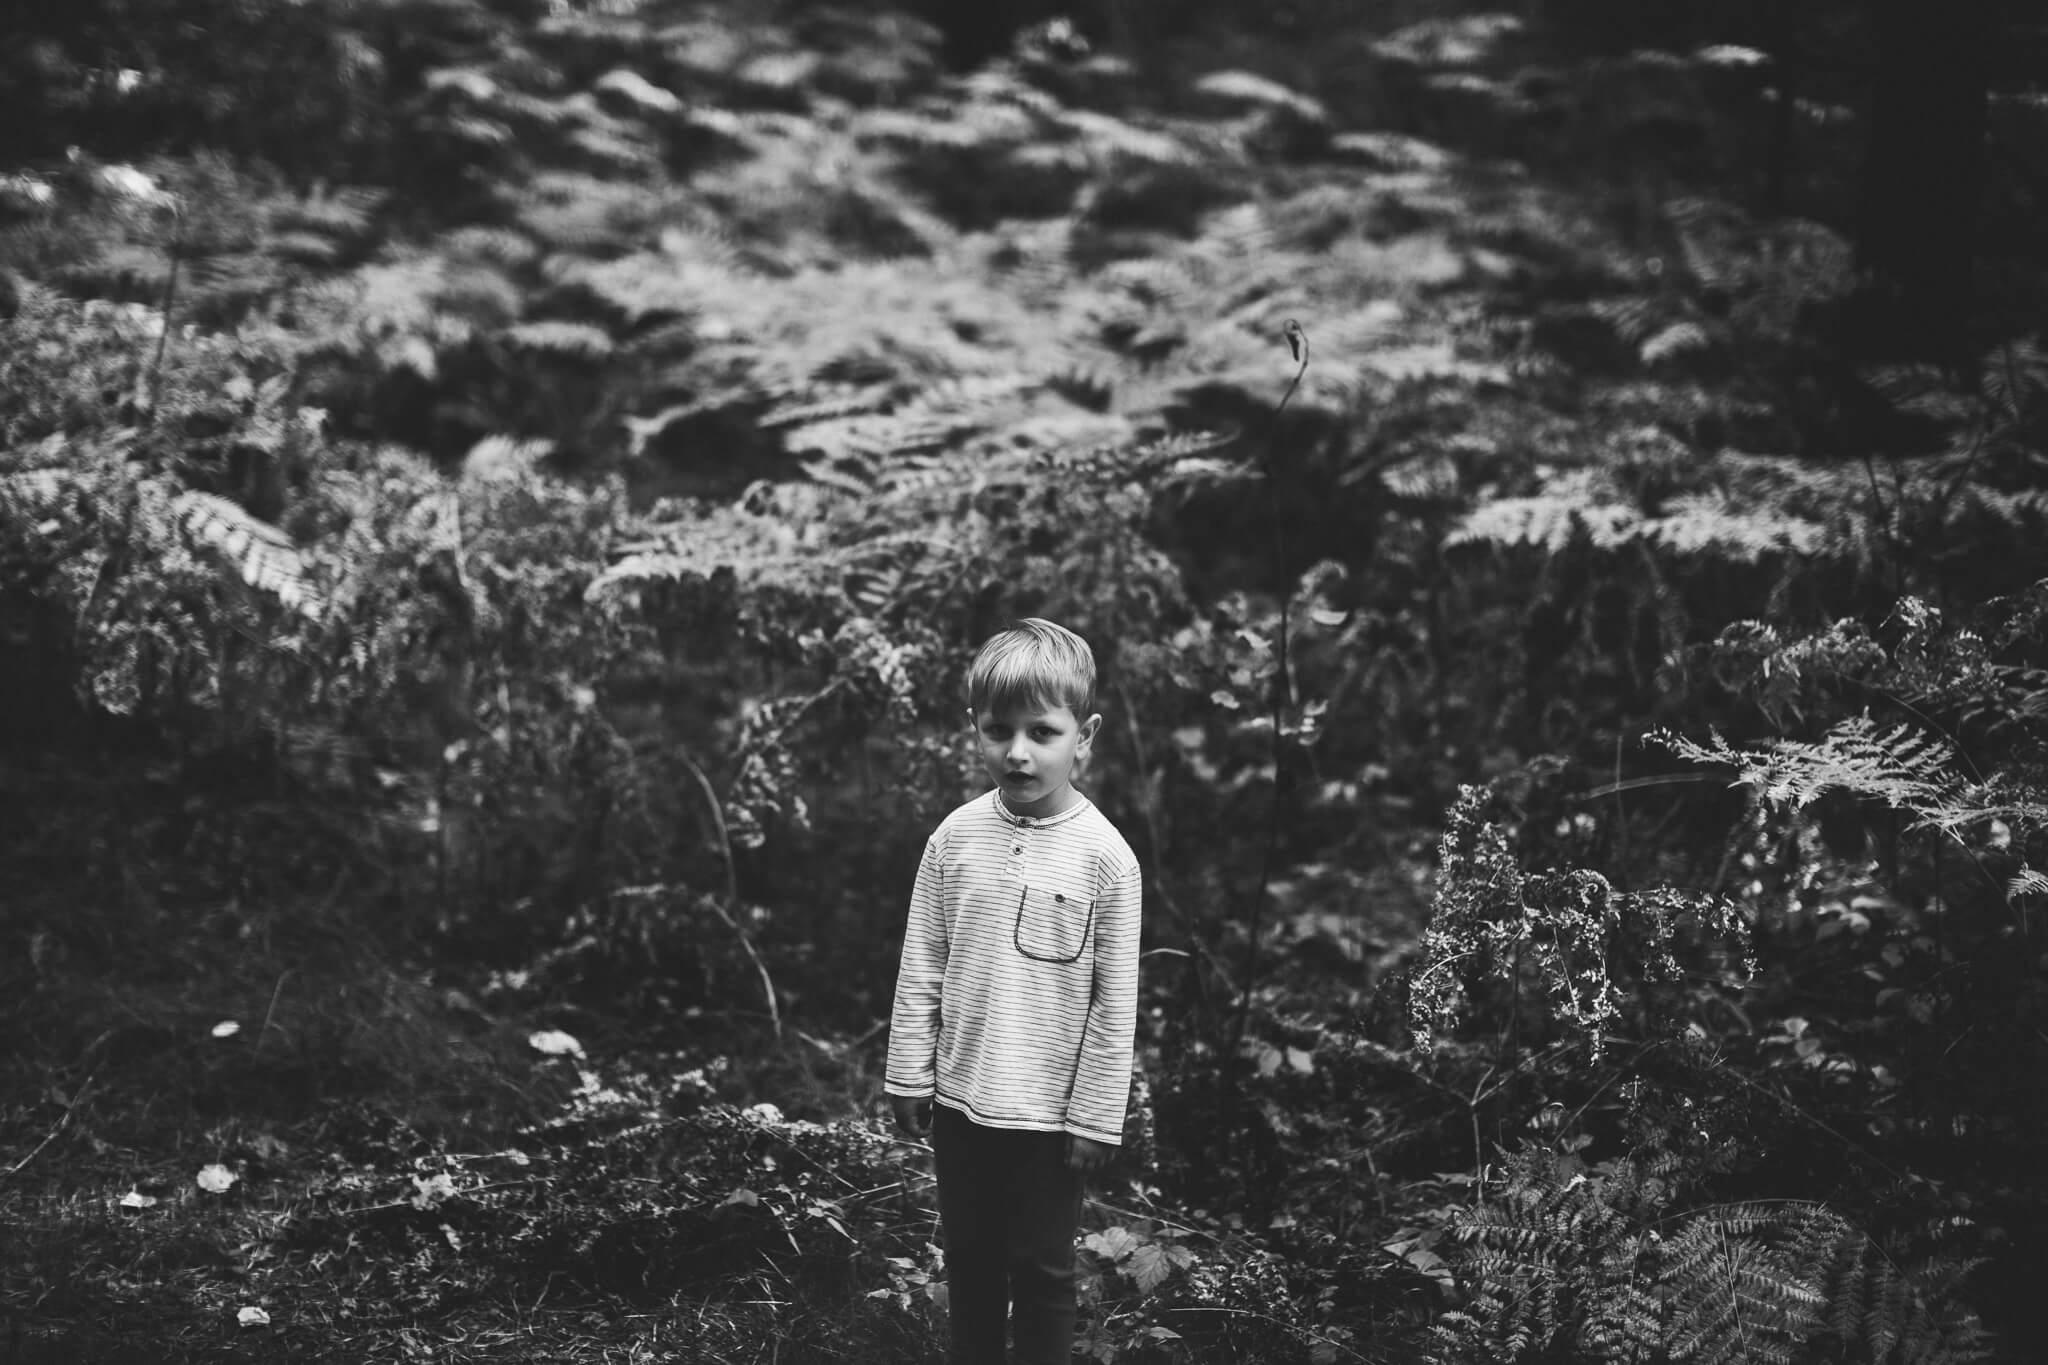 Portree väikesest poisist metsas keset sõnajalgu